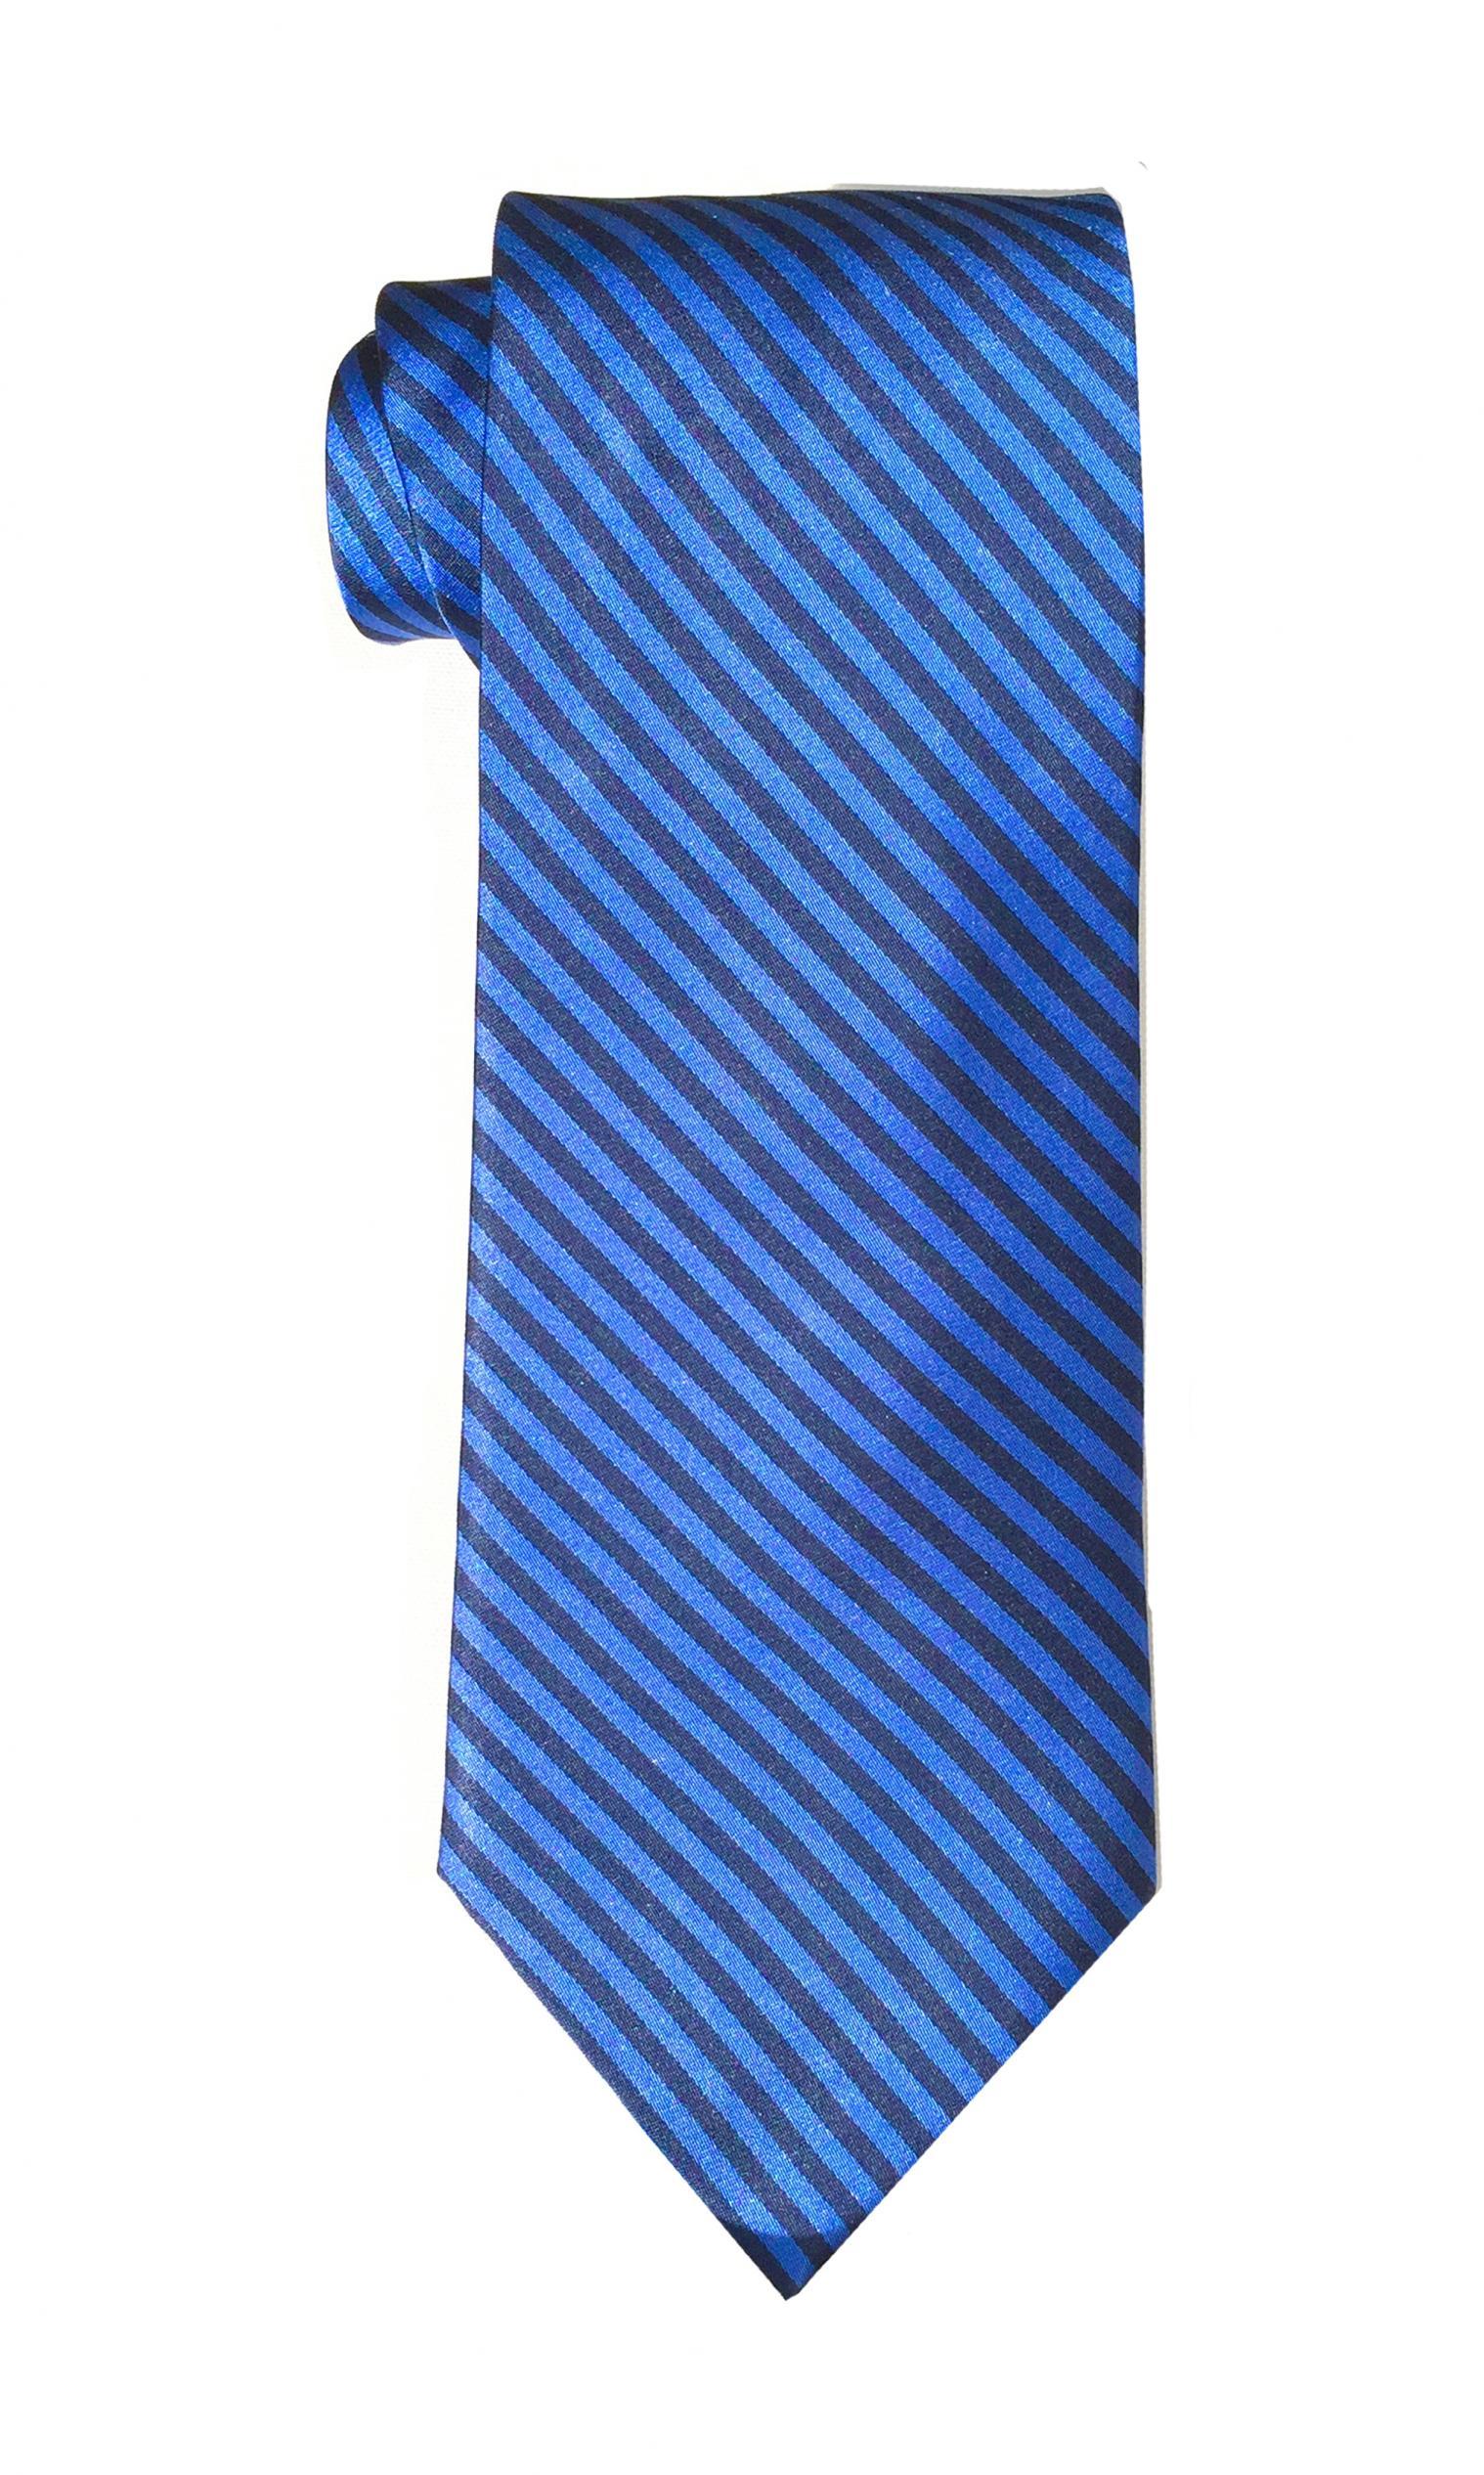 doppeldecker design designer aviation airplane aircraft silk bow tie bowtie stripe oscar tango